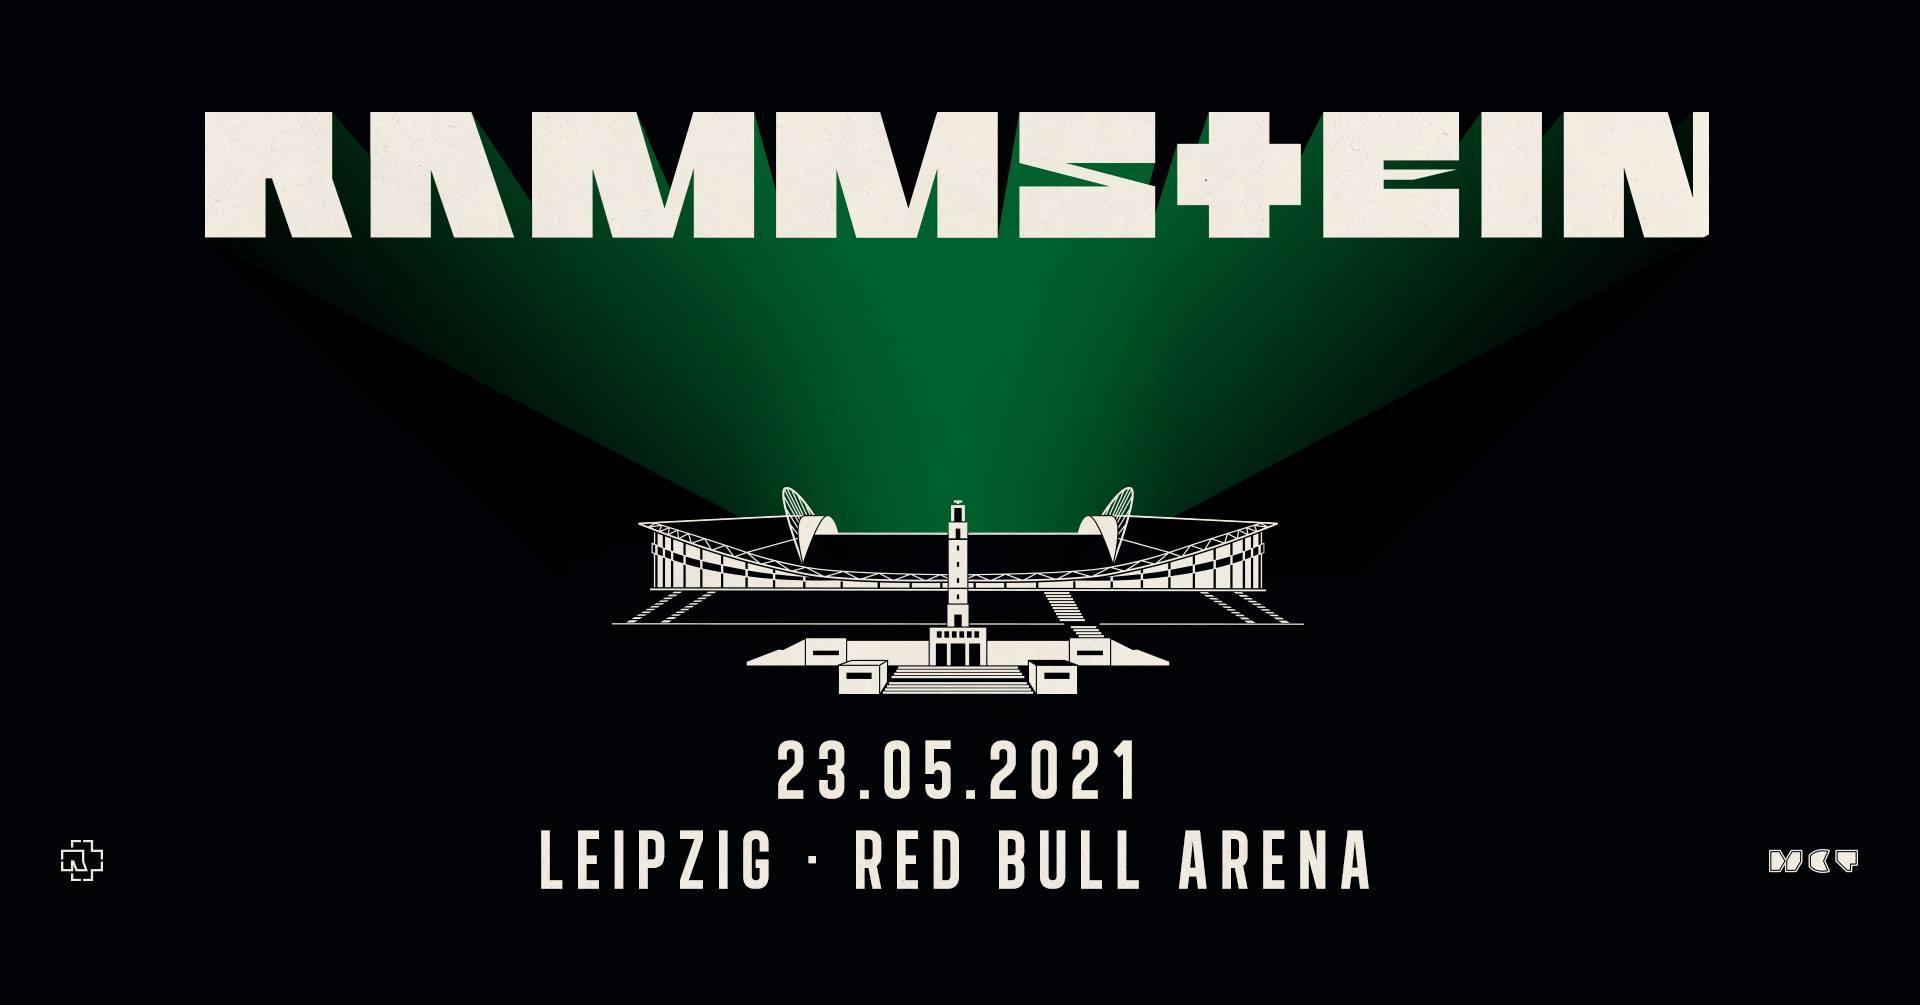 Rammstein Konzert 2021